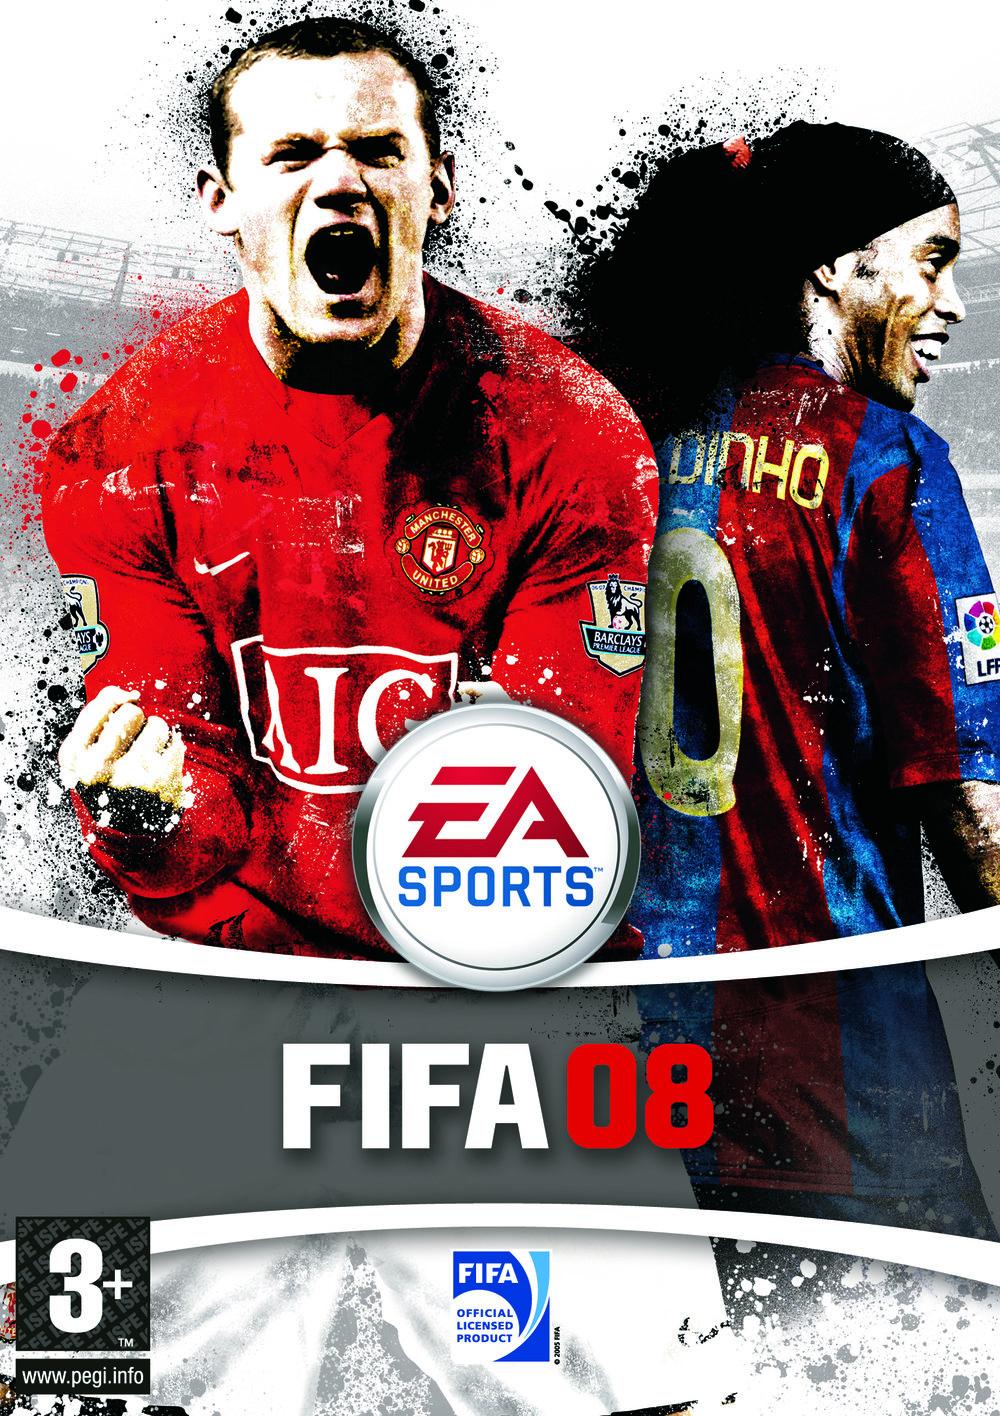 FIFA08genPFTukeng.jpg